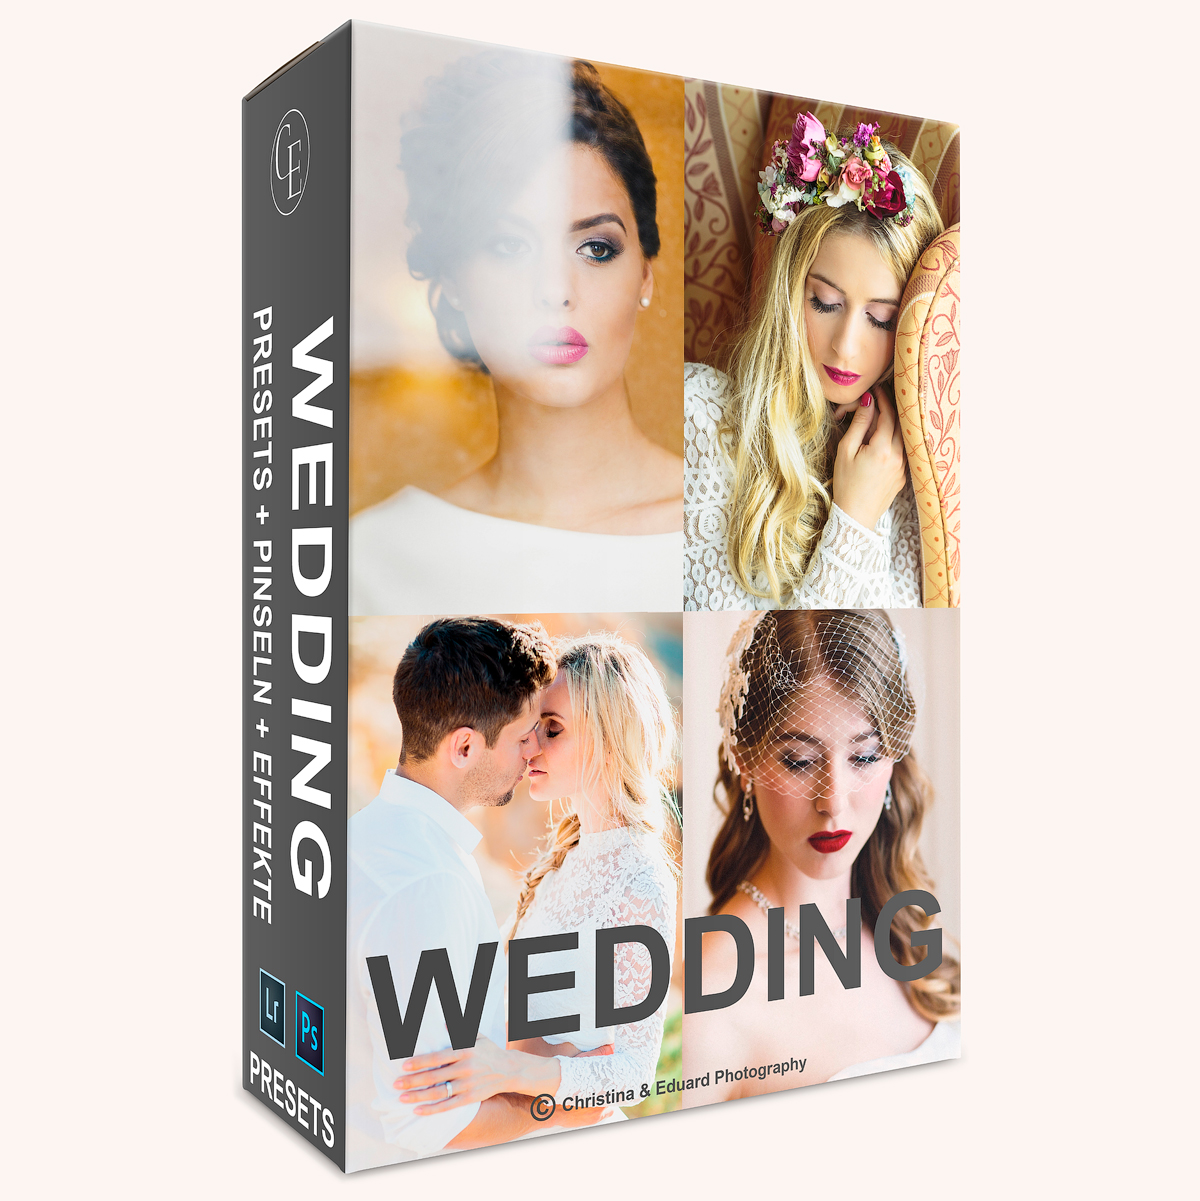 WEDDING Presetsset für Lightroom und Photoshop